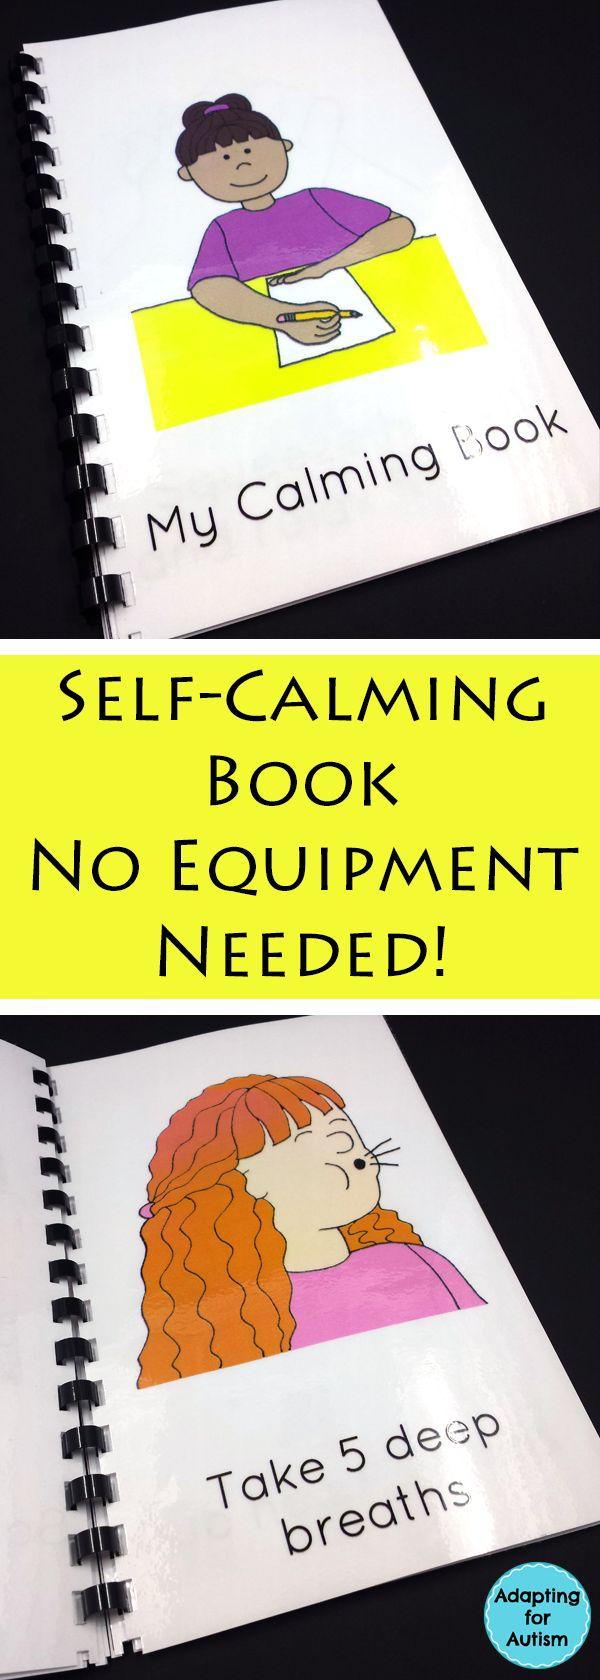 Self-calming book